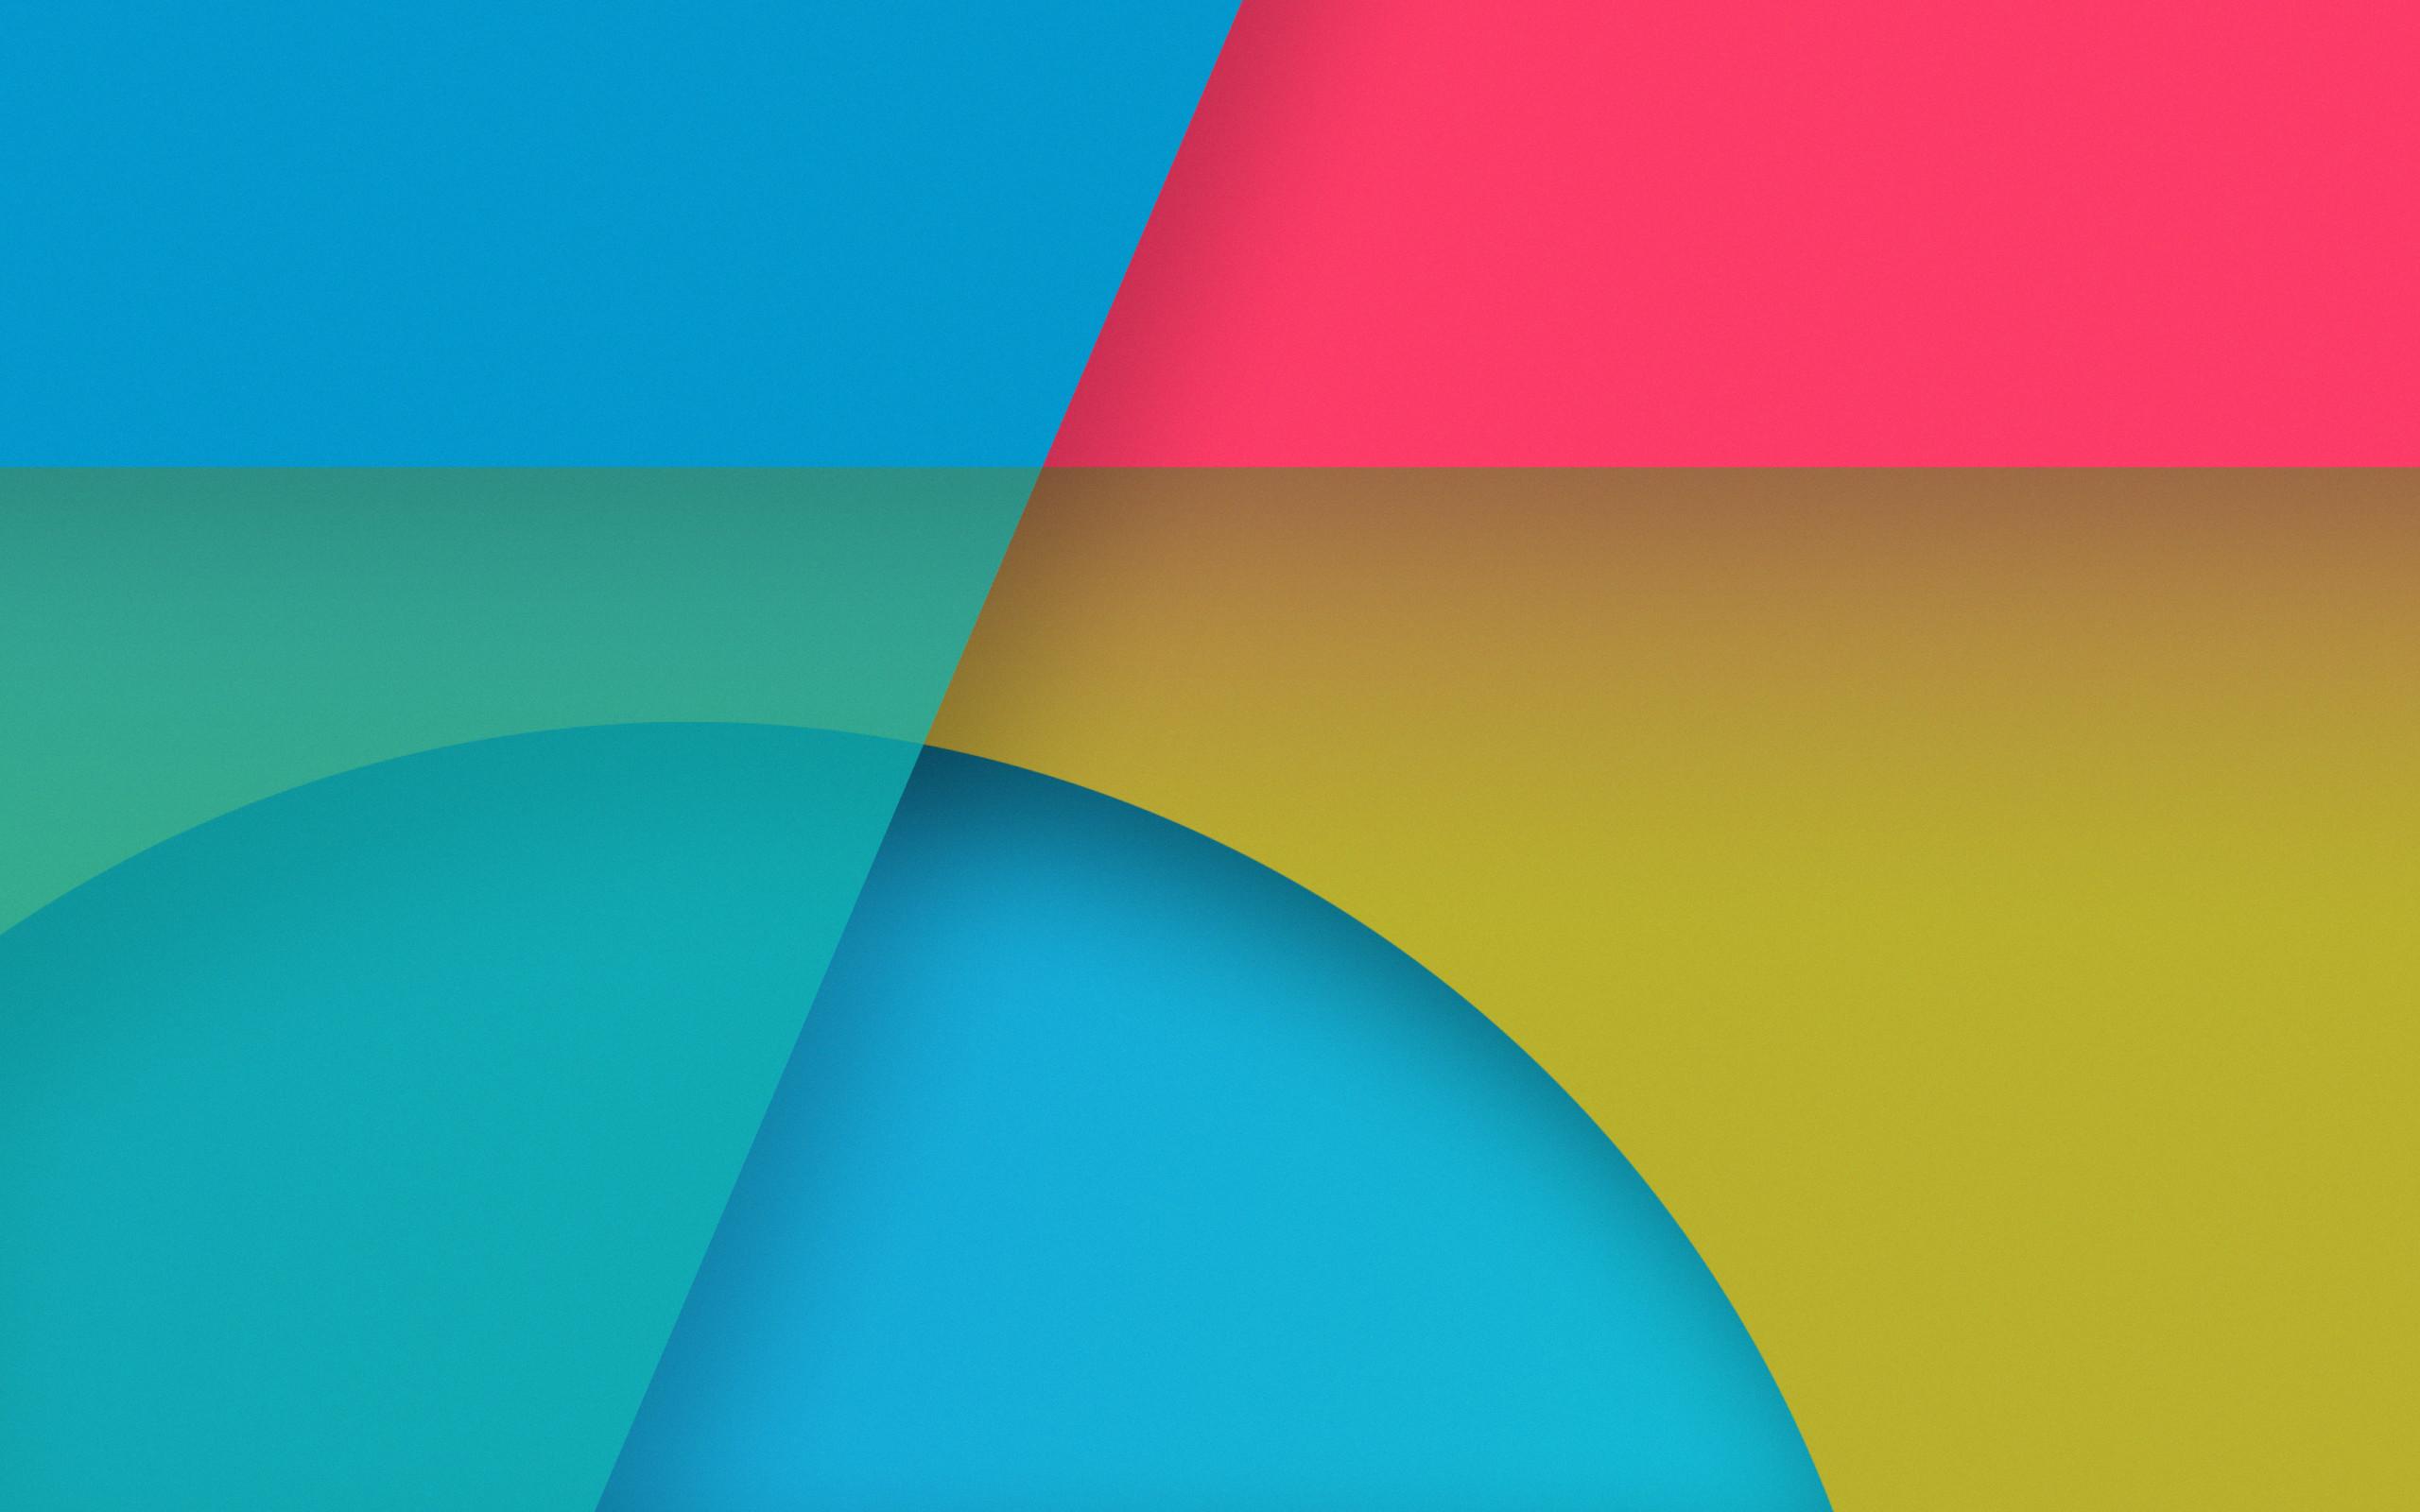 Nexus 5 Background Wallpaper